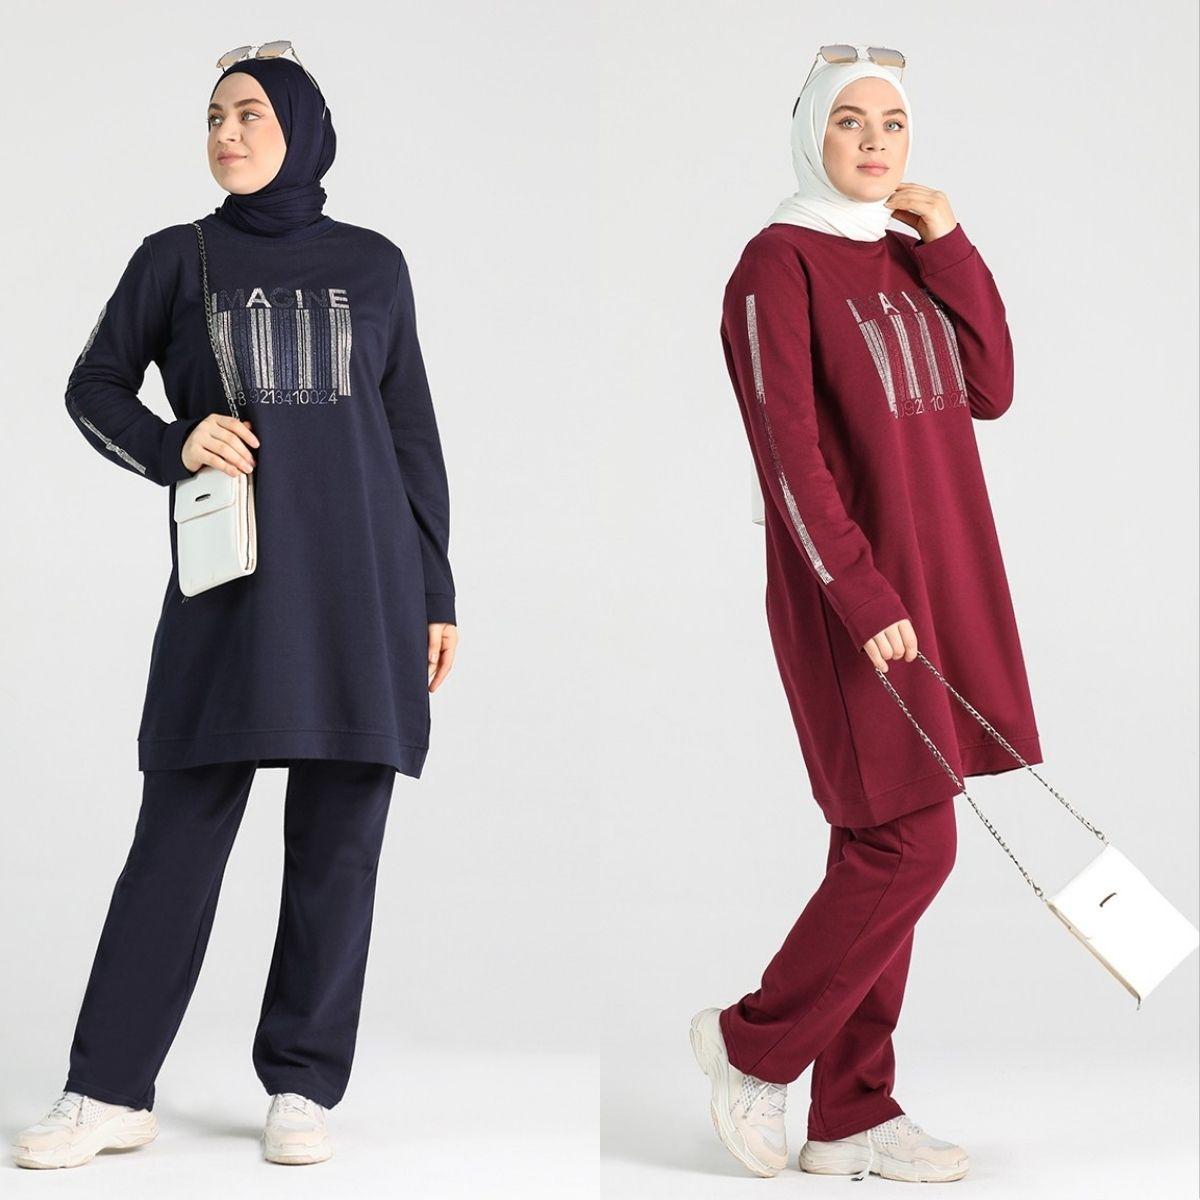 كبير حجم الحجر مطبوعة رياضية شقة غير المبطنة طويل كم الصفر طوق 4 الموسم النساء مسلم الأزياء الحجاب الملابس الرياضية استخدام